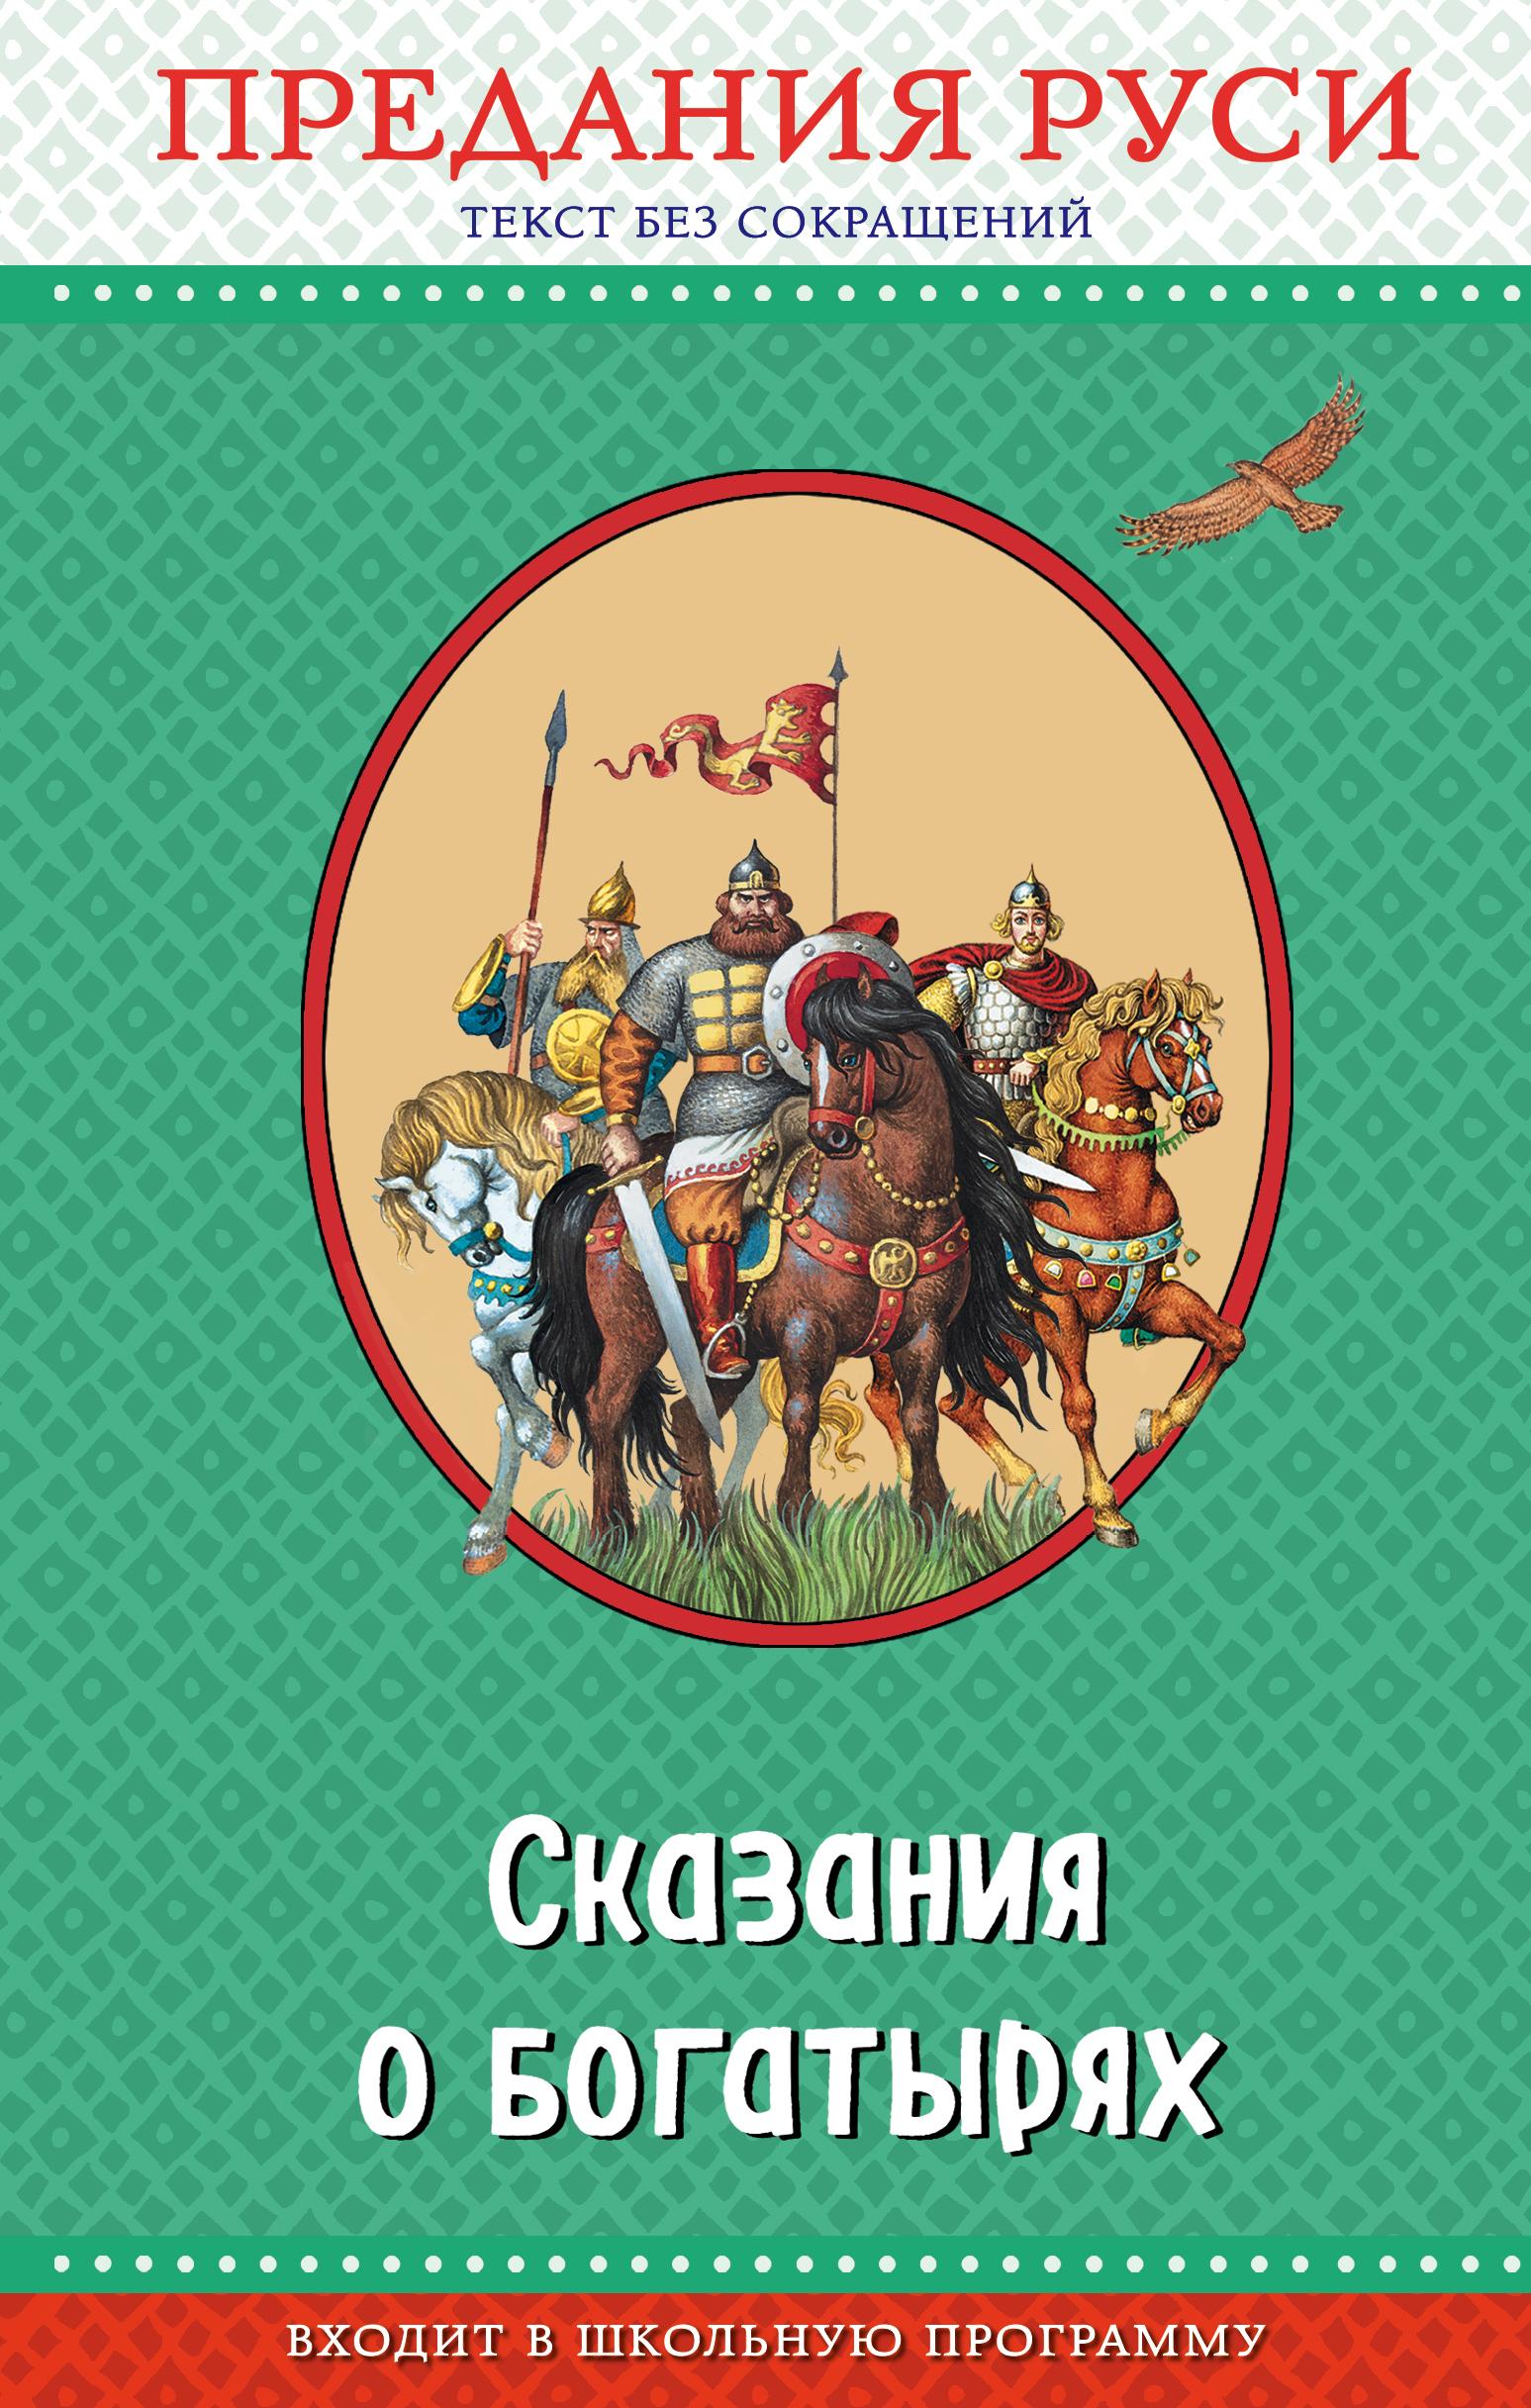 Народное творчество Сказания о богатырях. Предания Руси рогова о переск былины о богатырях